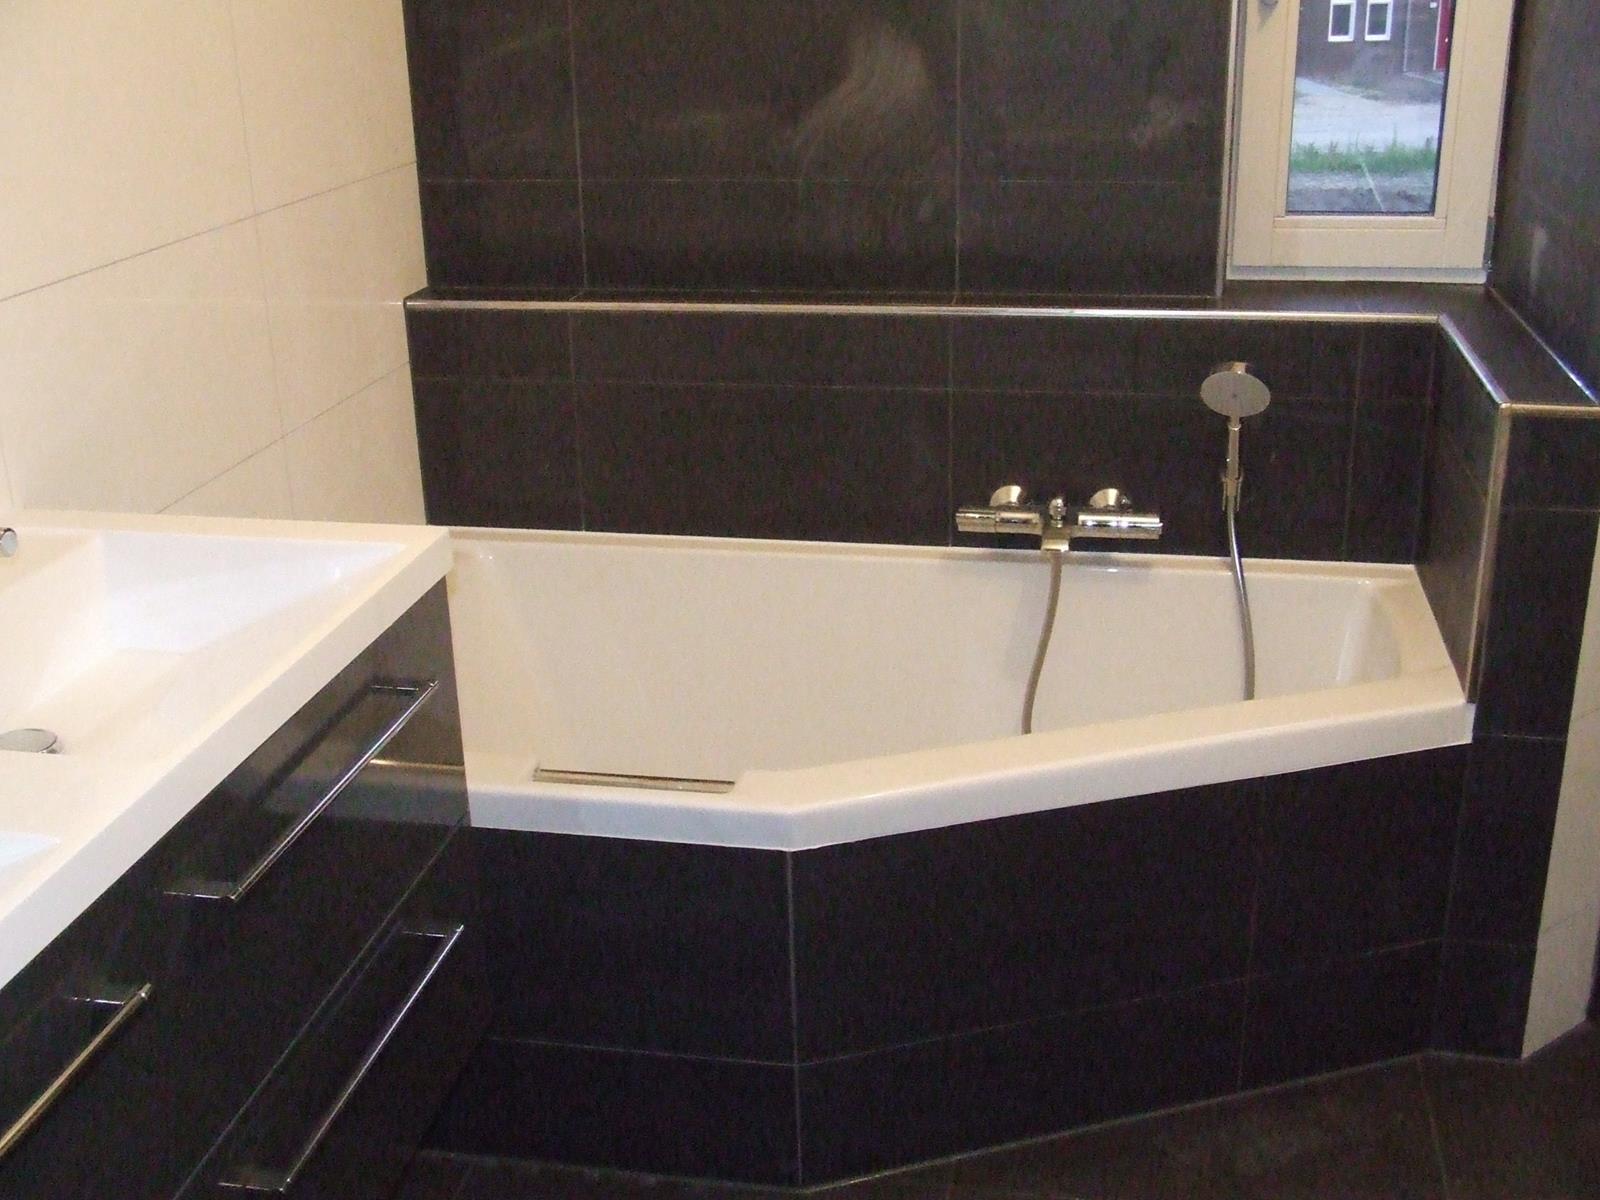 Kosten Betegelen Tuin : Betegelen badkamer kosten